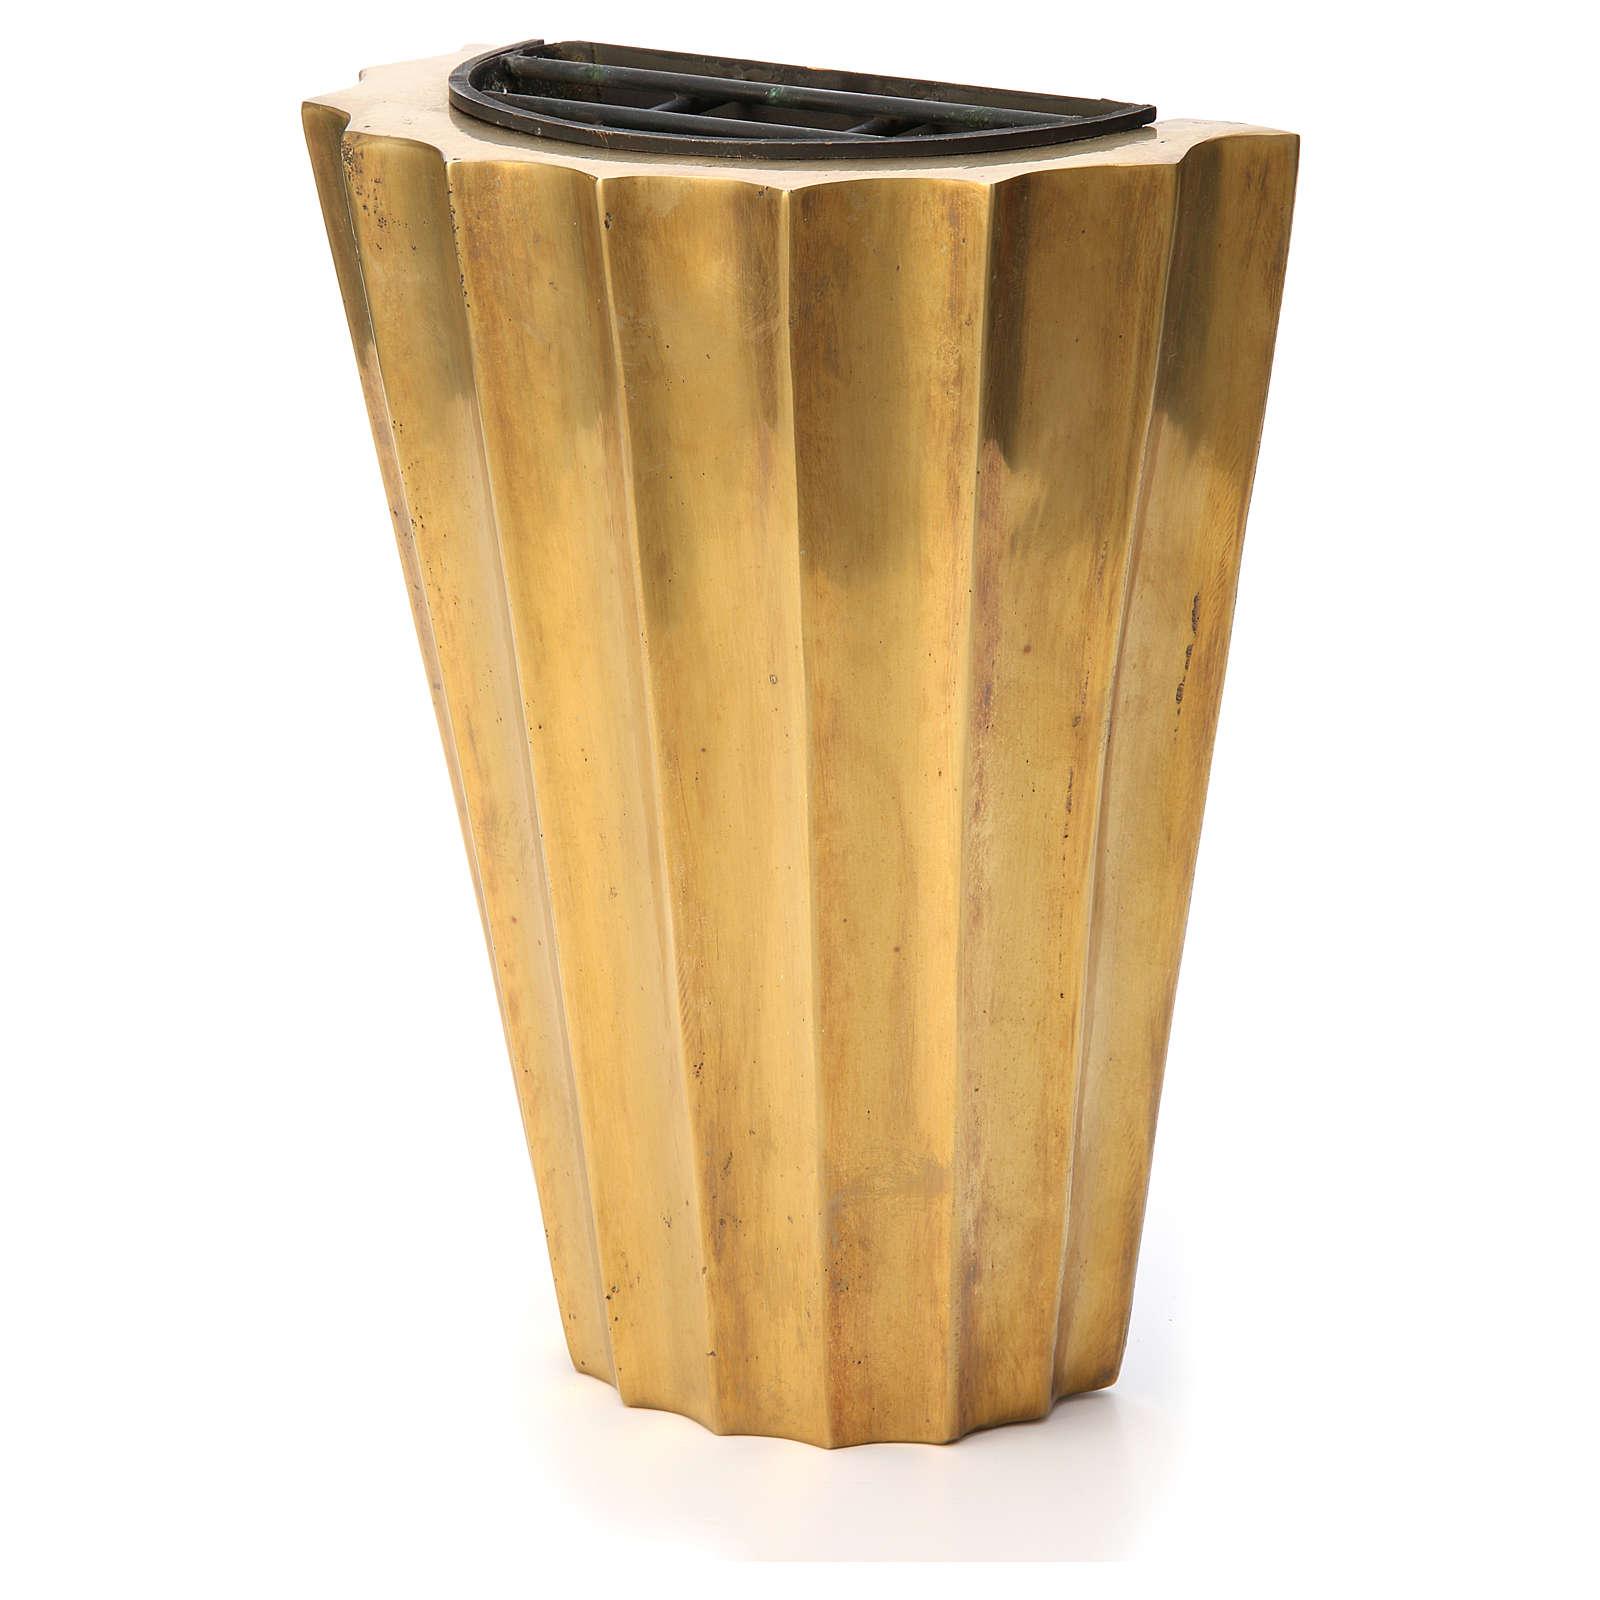 Vase cimetière laiton bronzé plissé avec bac 3